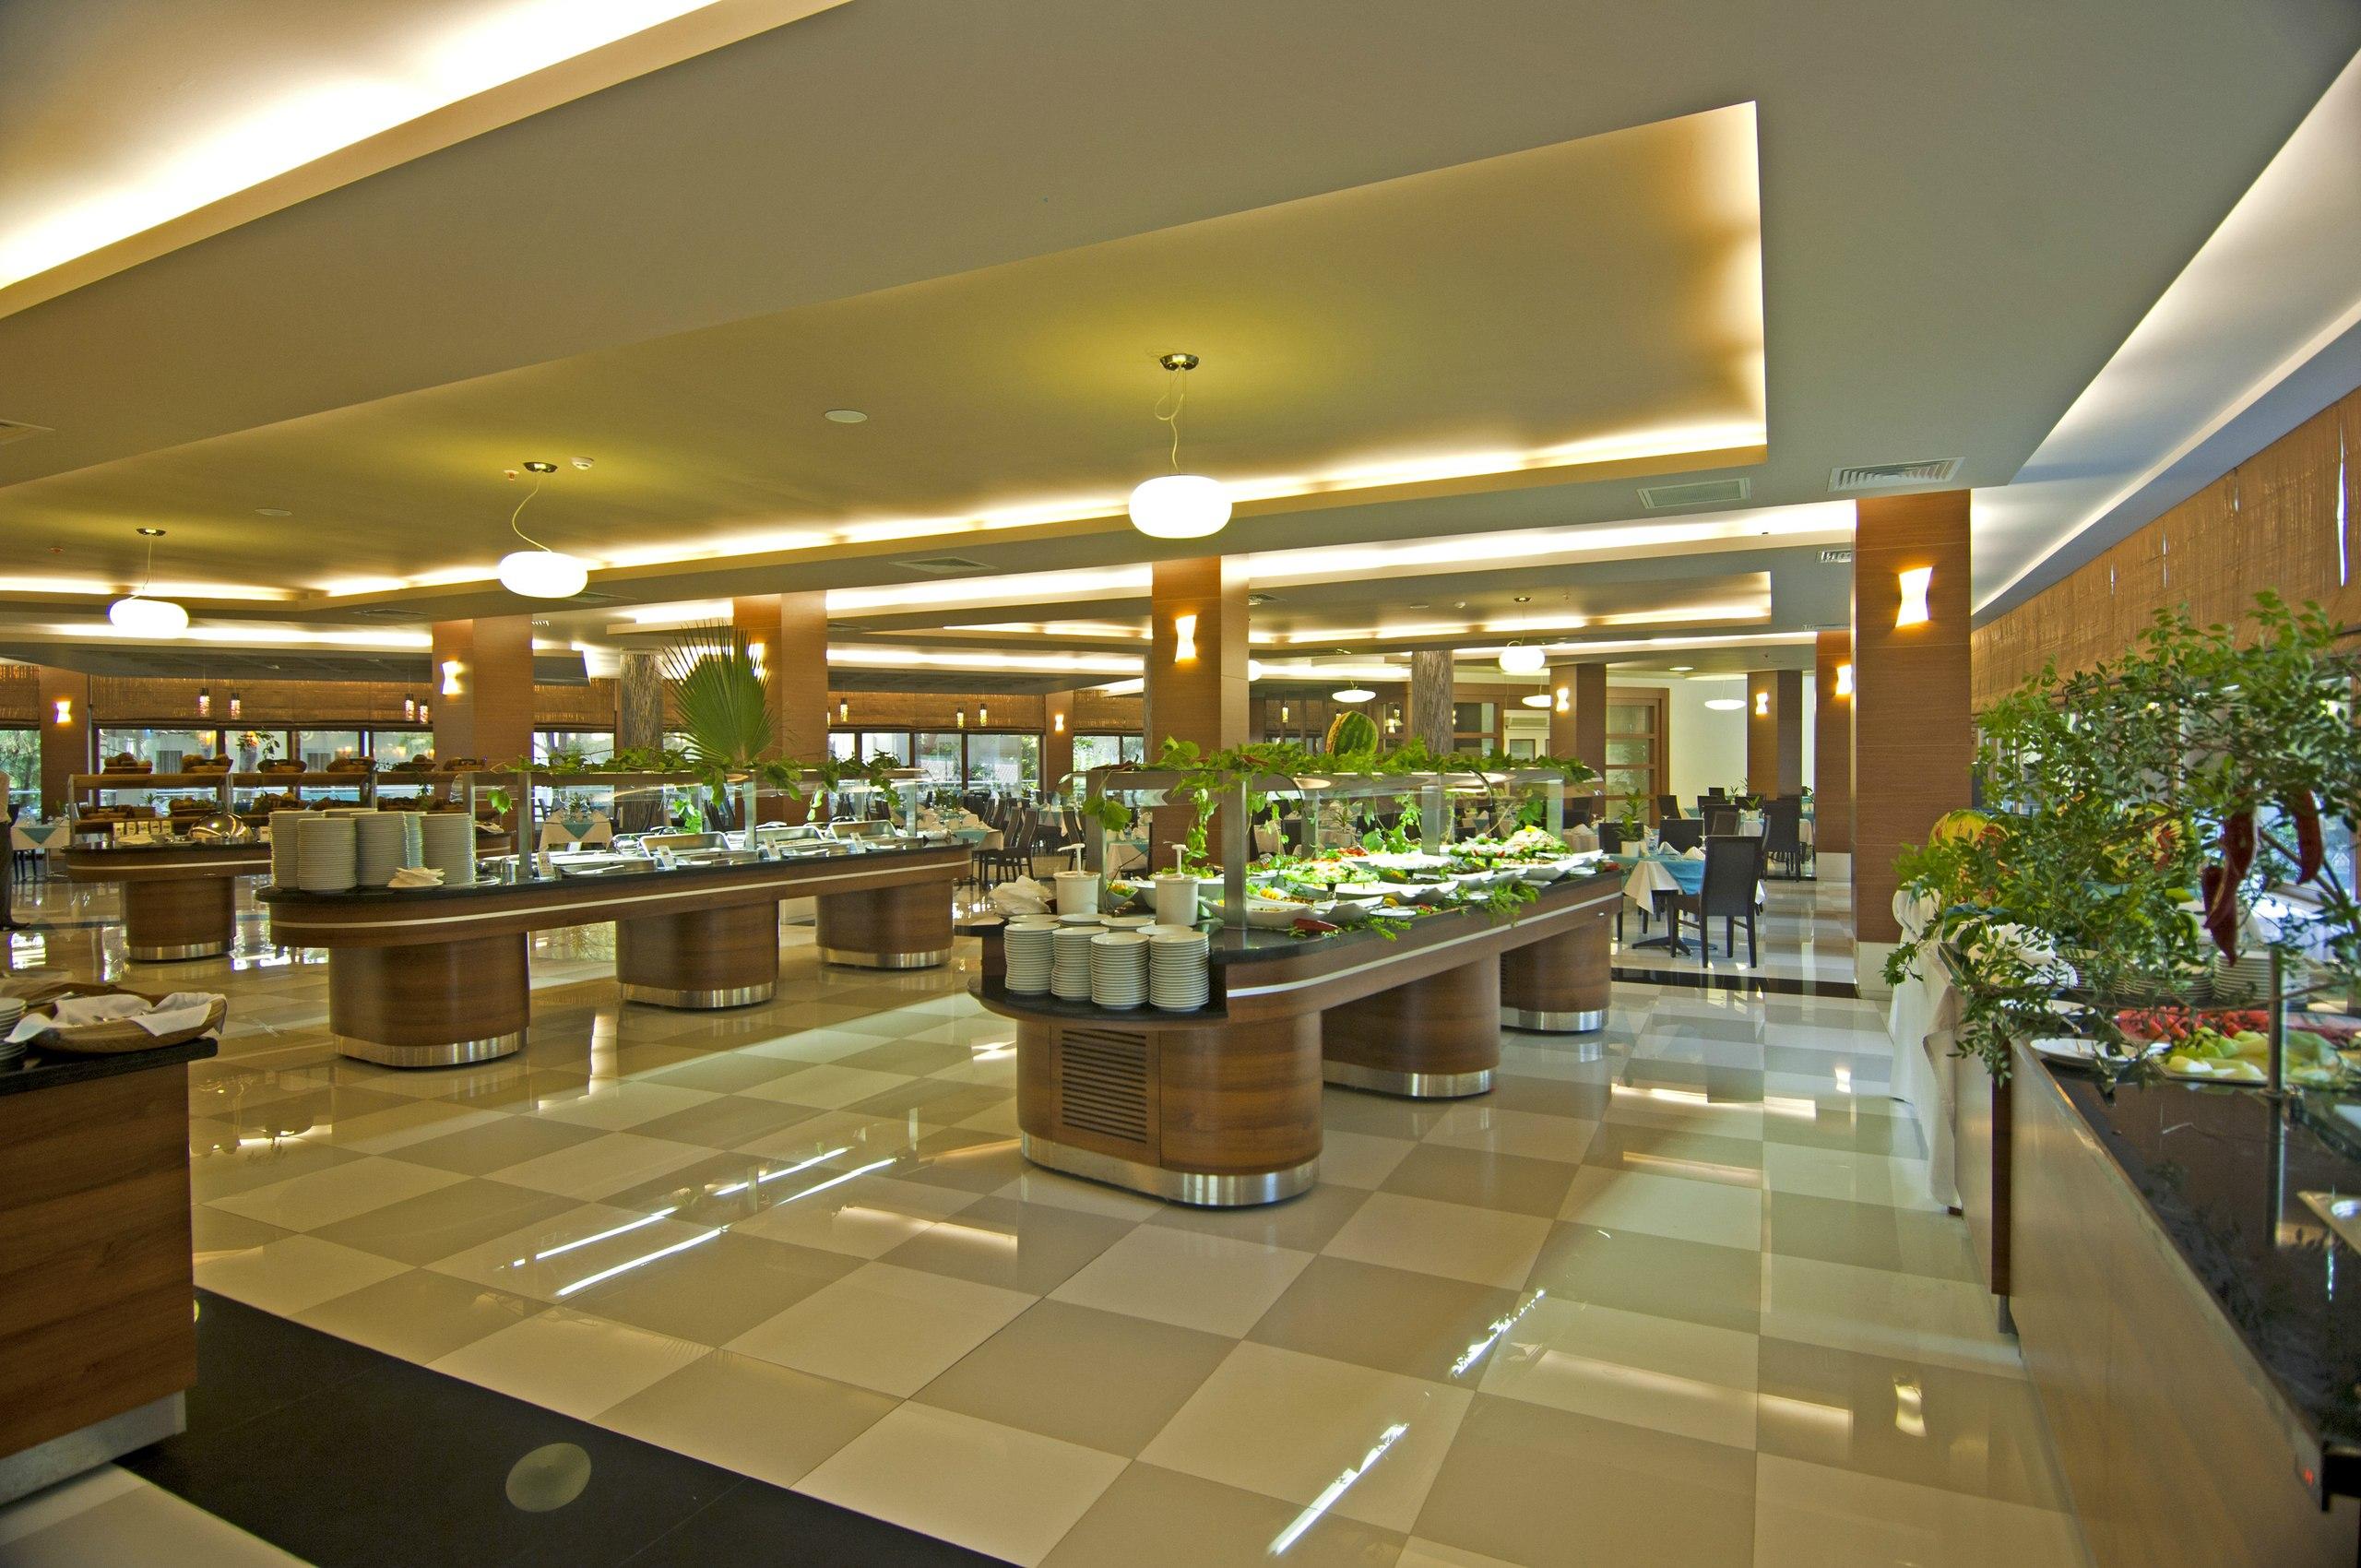 сильный, самый отель джакаранда белек турция фото стиле бохо